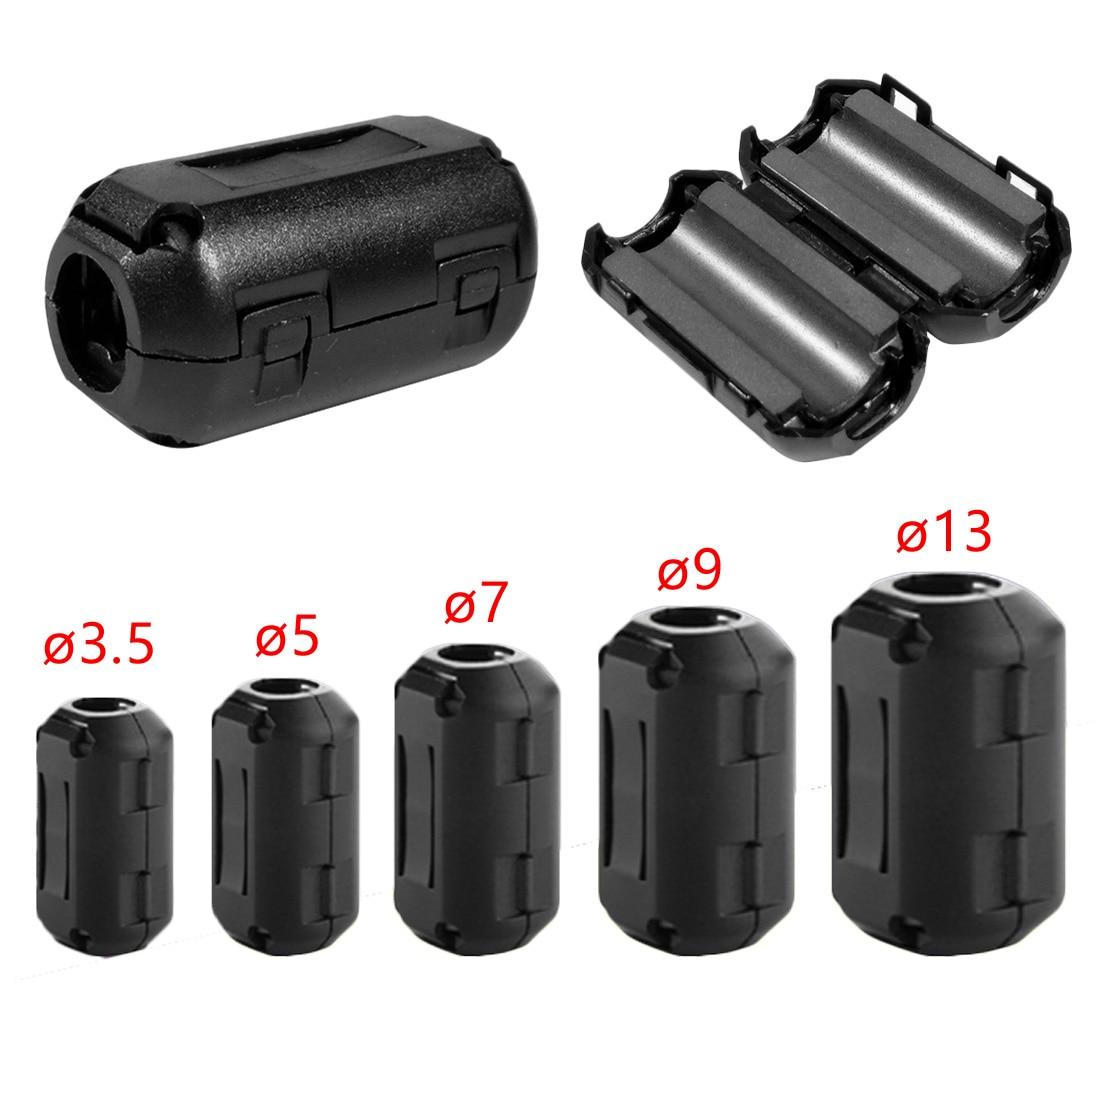 5pcs 3.5mm Black Ferrite Core Cable Filter Nickel-zinc Noise Suppressor for EMI RFI Clip Choke Ferrite Filters